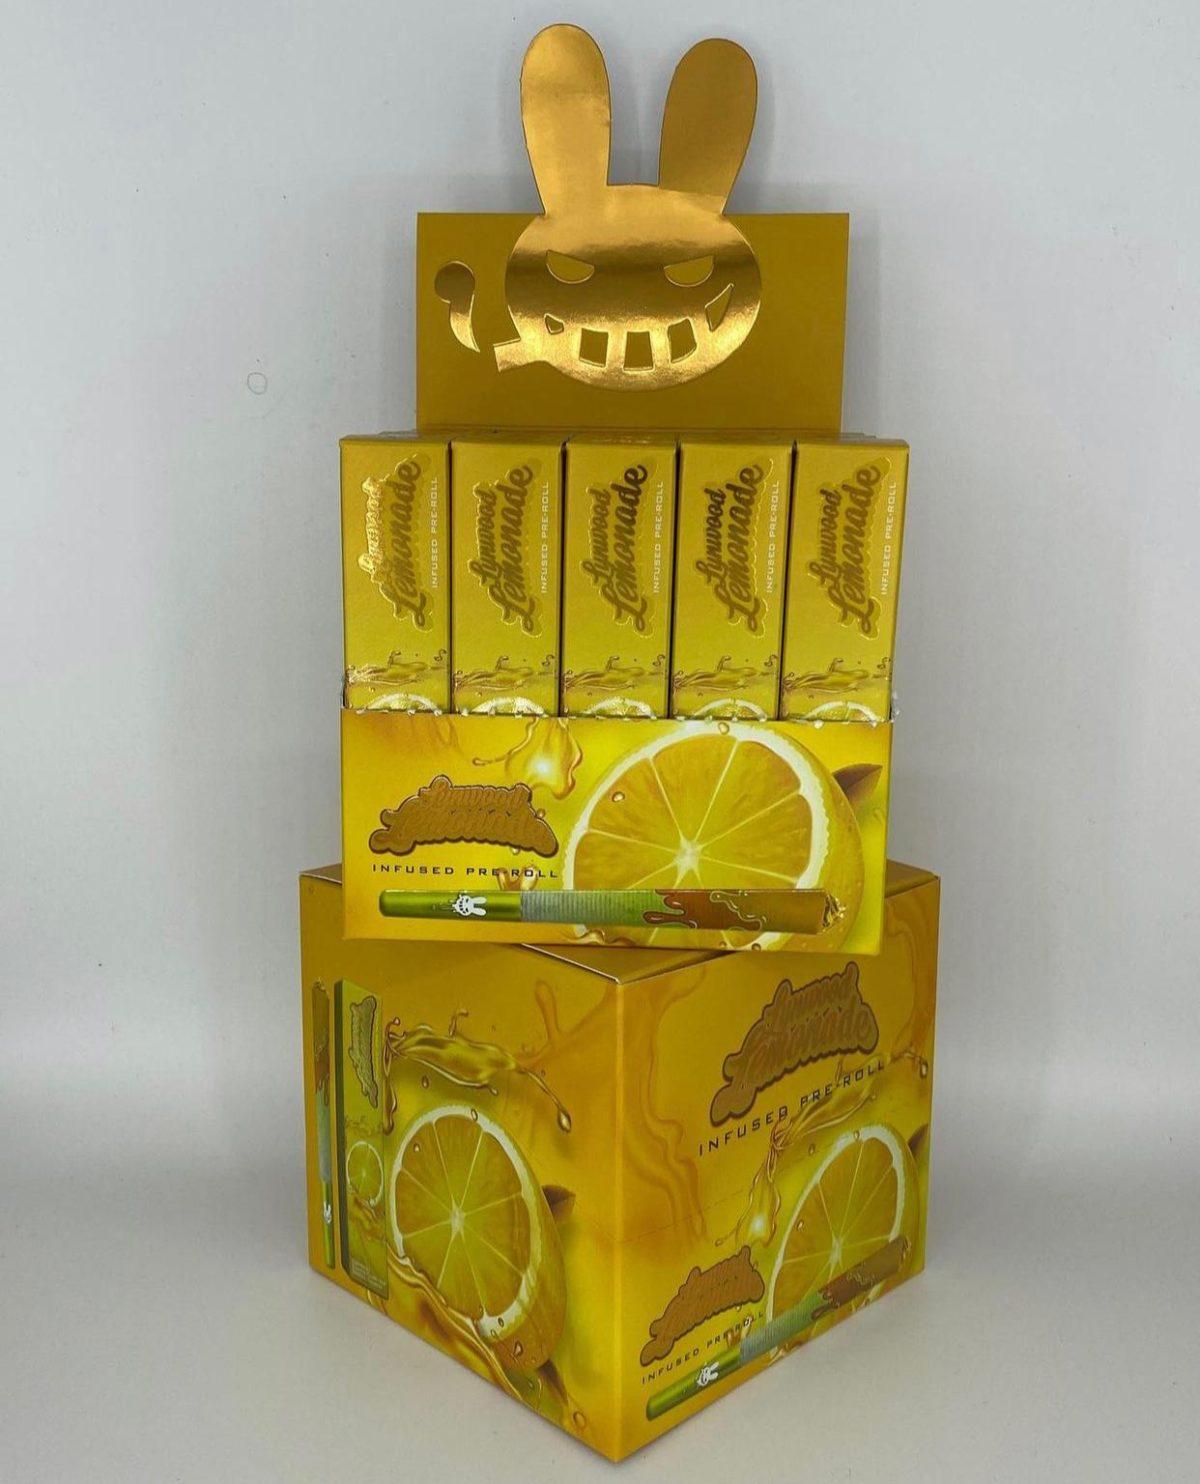 Buy Lynwood Lemonade Infused Pre Rolls